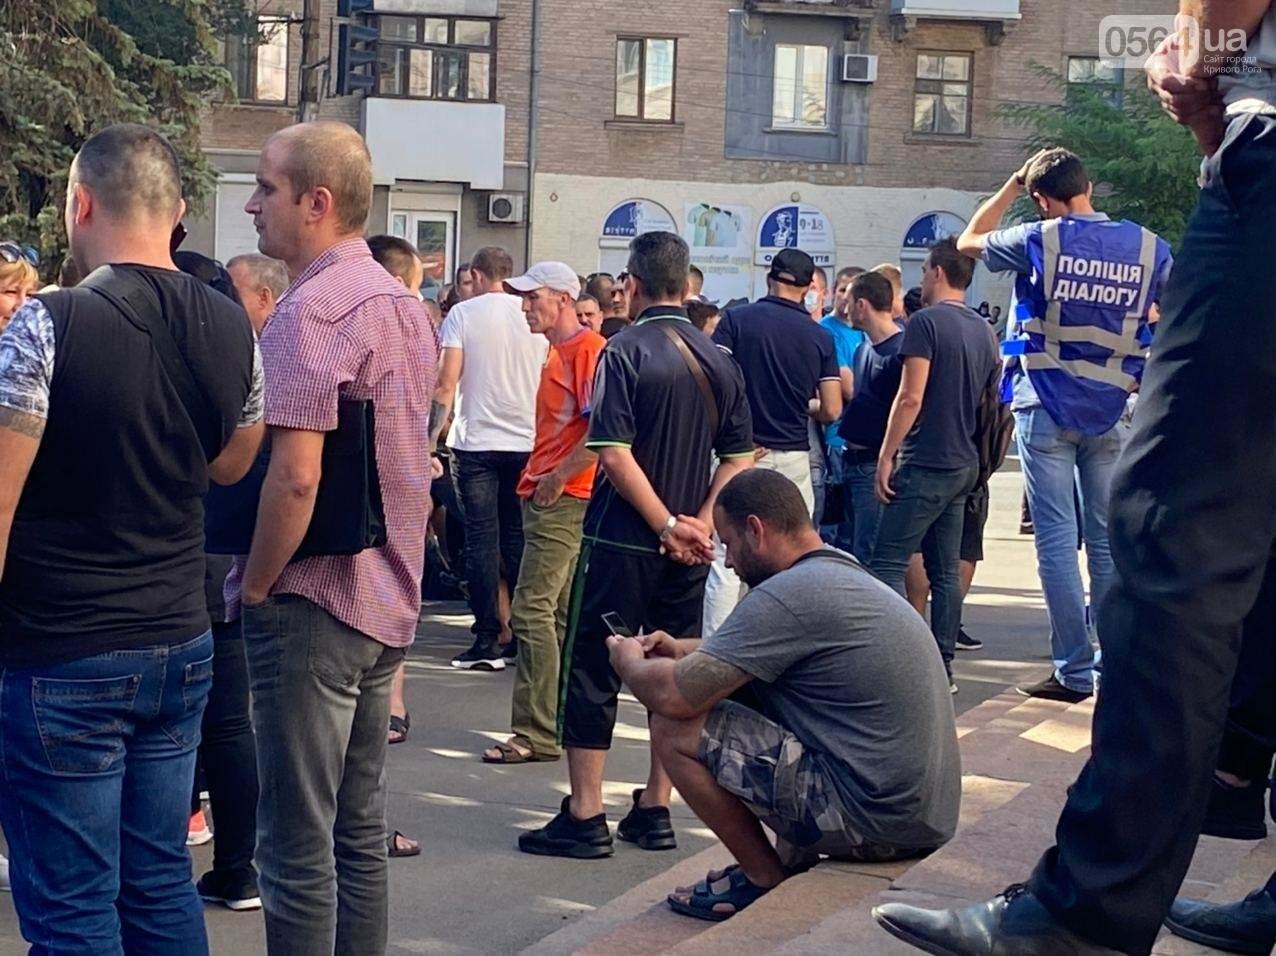 Отмолчаться не получится: у входа в админздание КЖРК проходит массовый митинг, на ступеньках сложены шины,  - ФОТО, ВИДЕО, фото-19